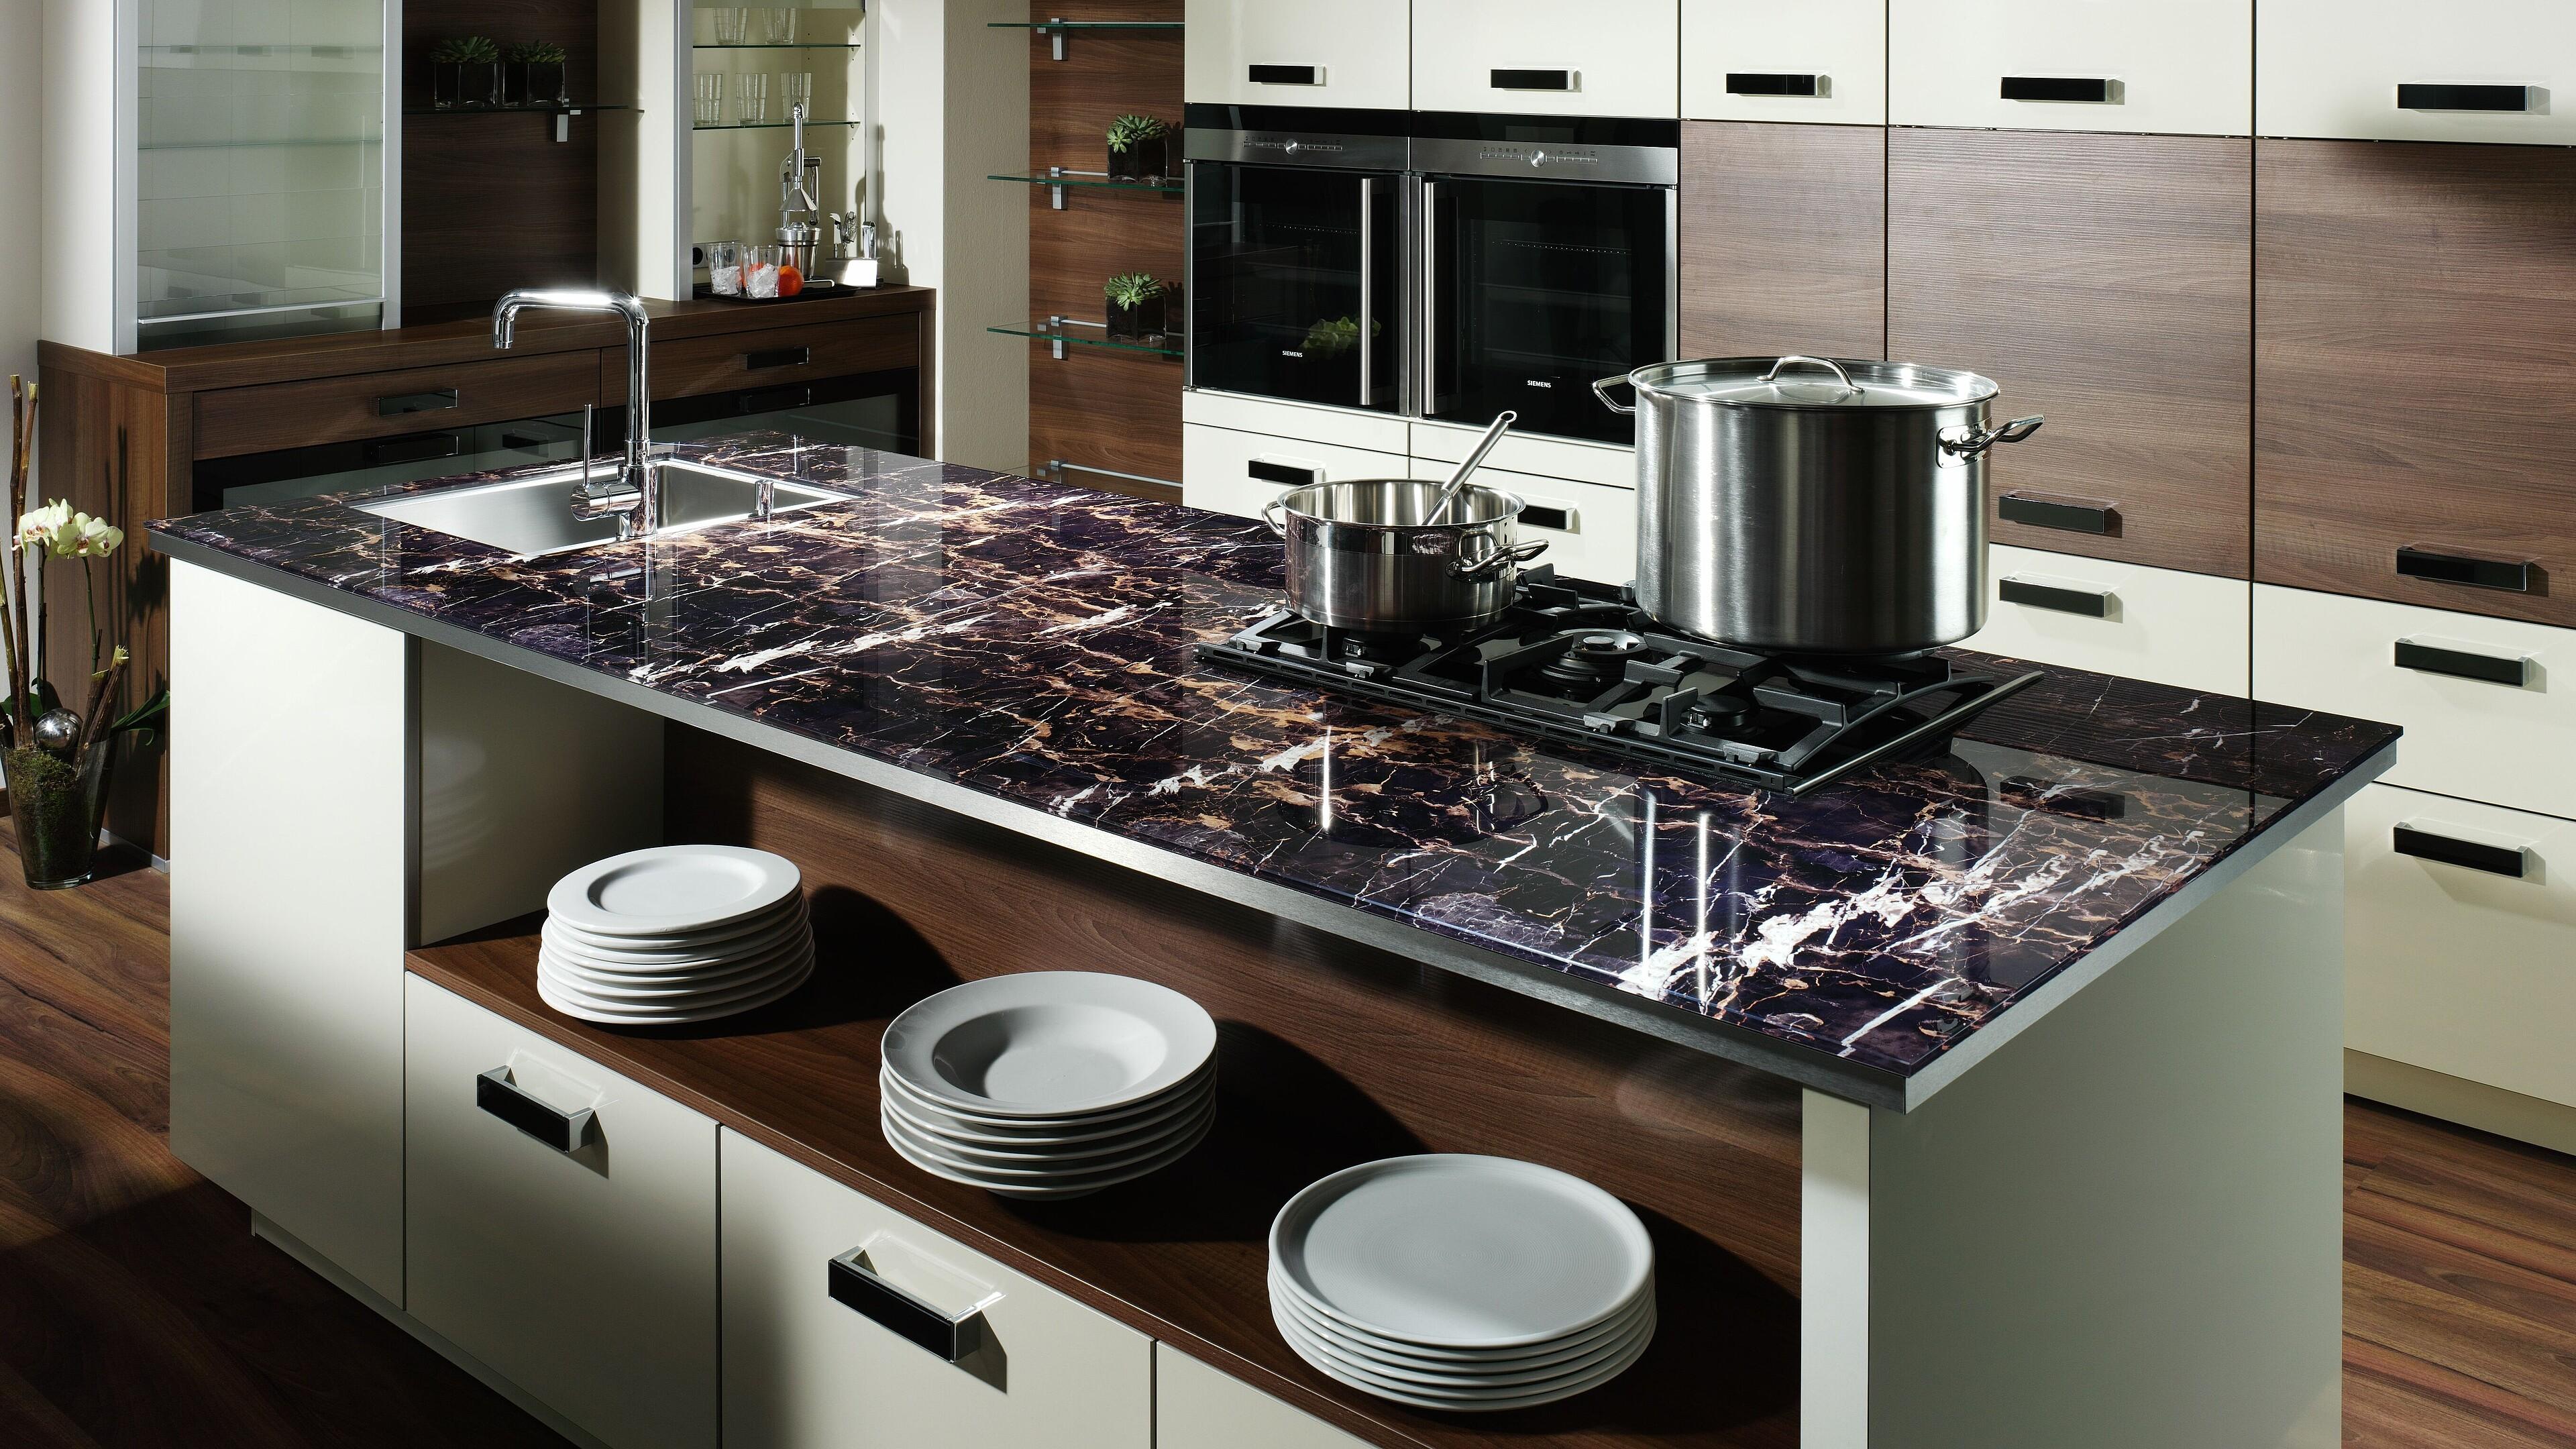 Küchenarbeitsplatte: Tipps zu Materialien, Einbau und Pflege